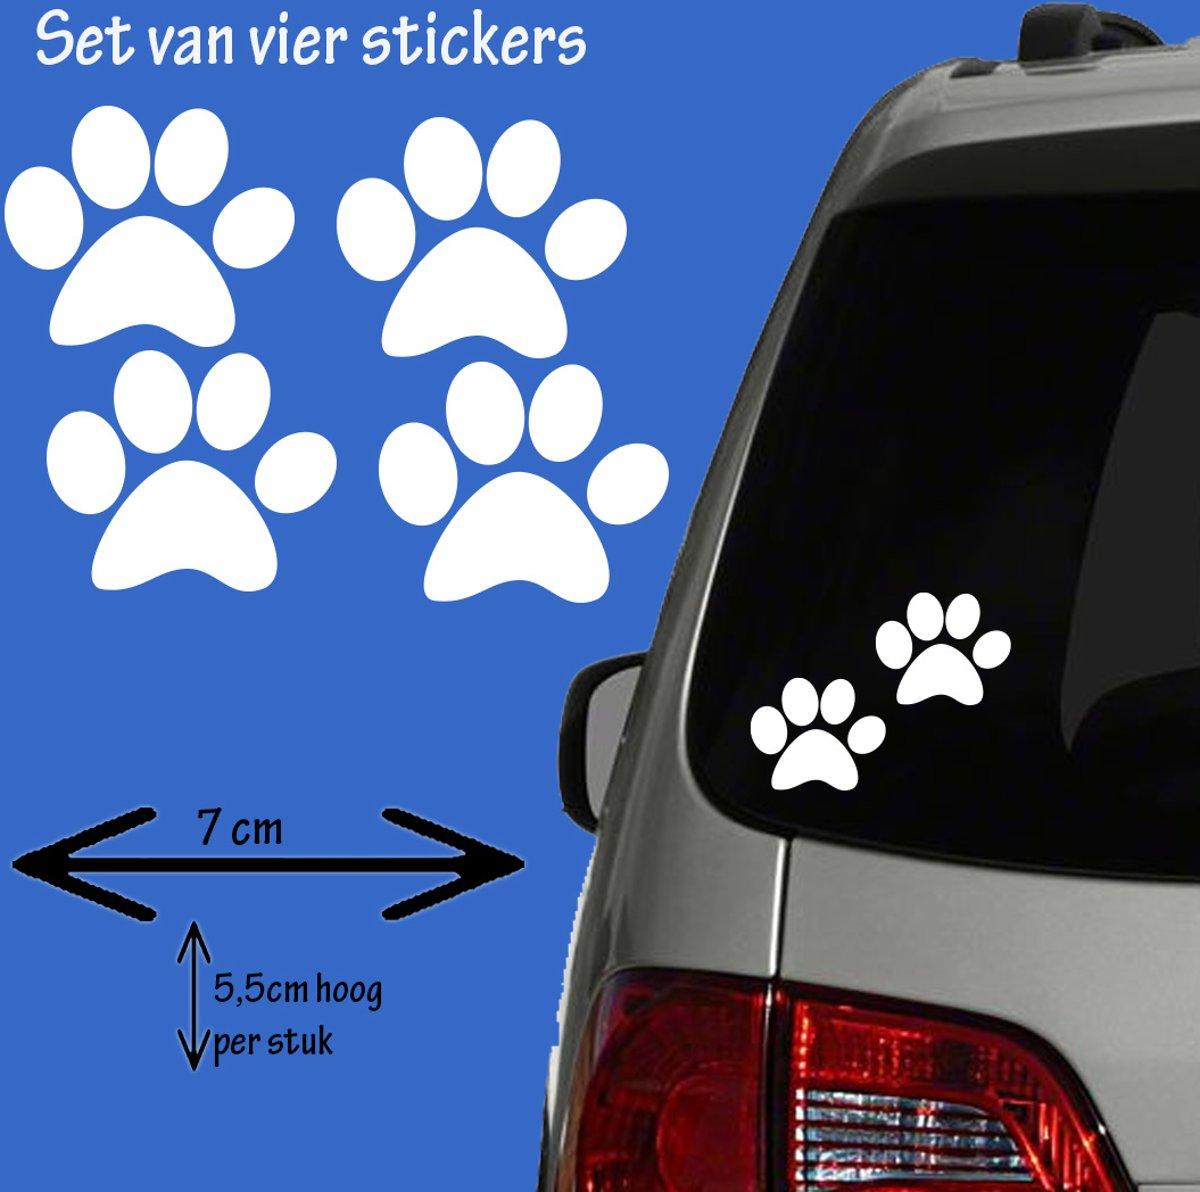 Hondenpootje / hondenpootjes 4 stickers wit kopen